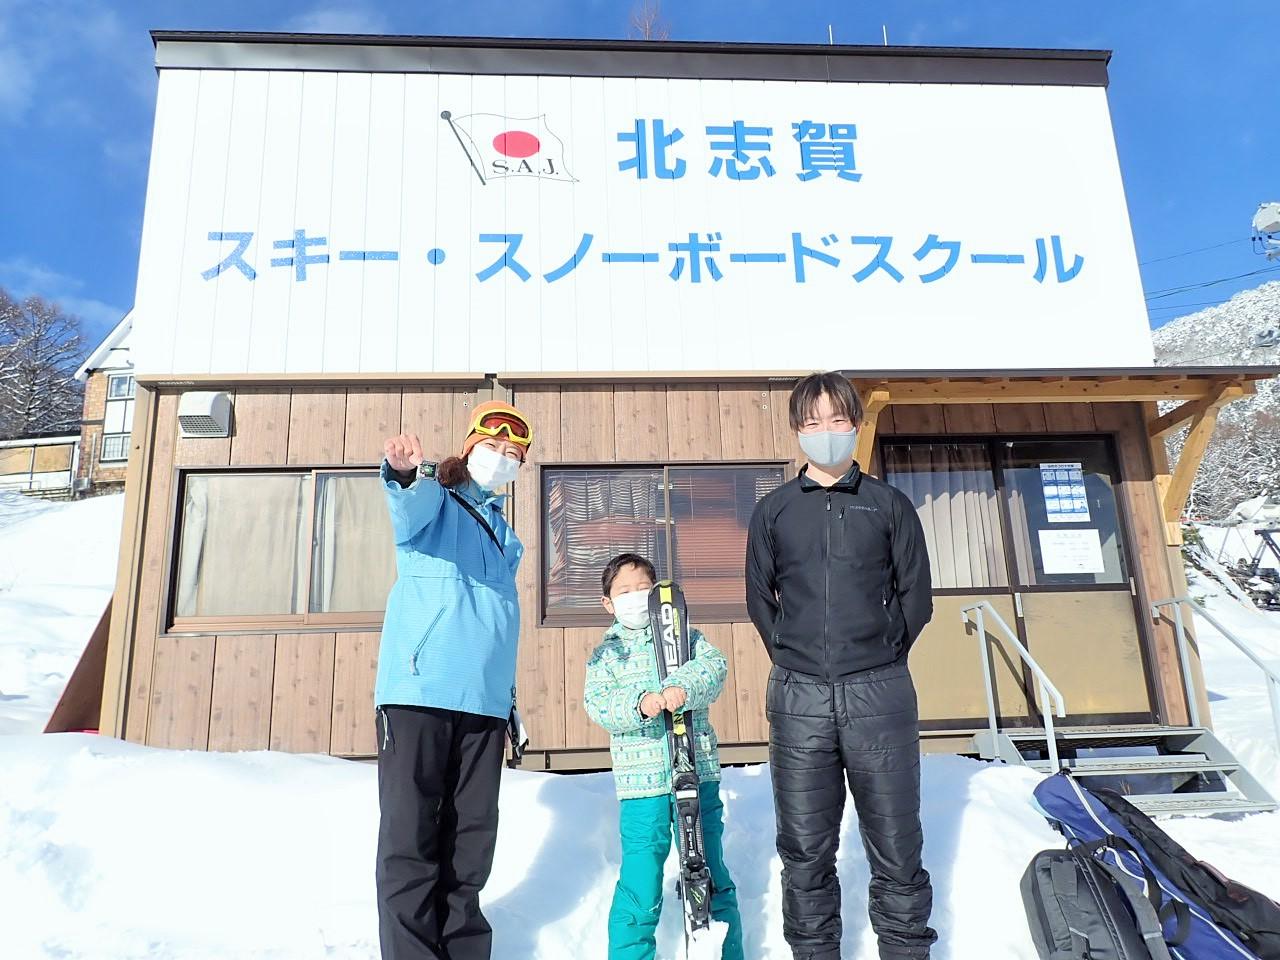 北志賀スキースクールでジュニアテストに挑戦